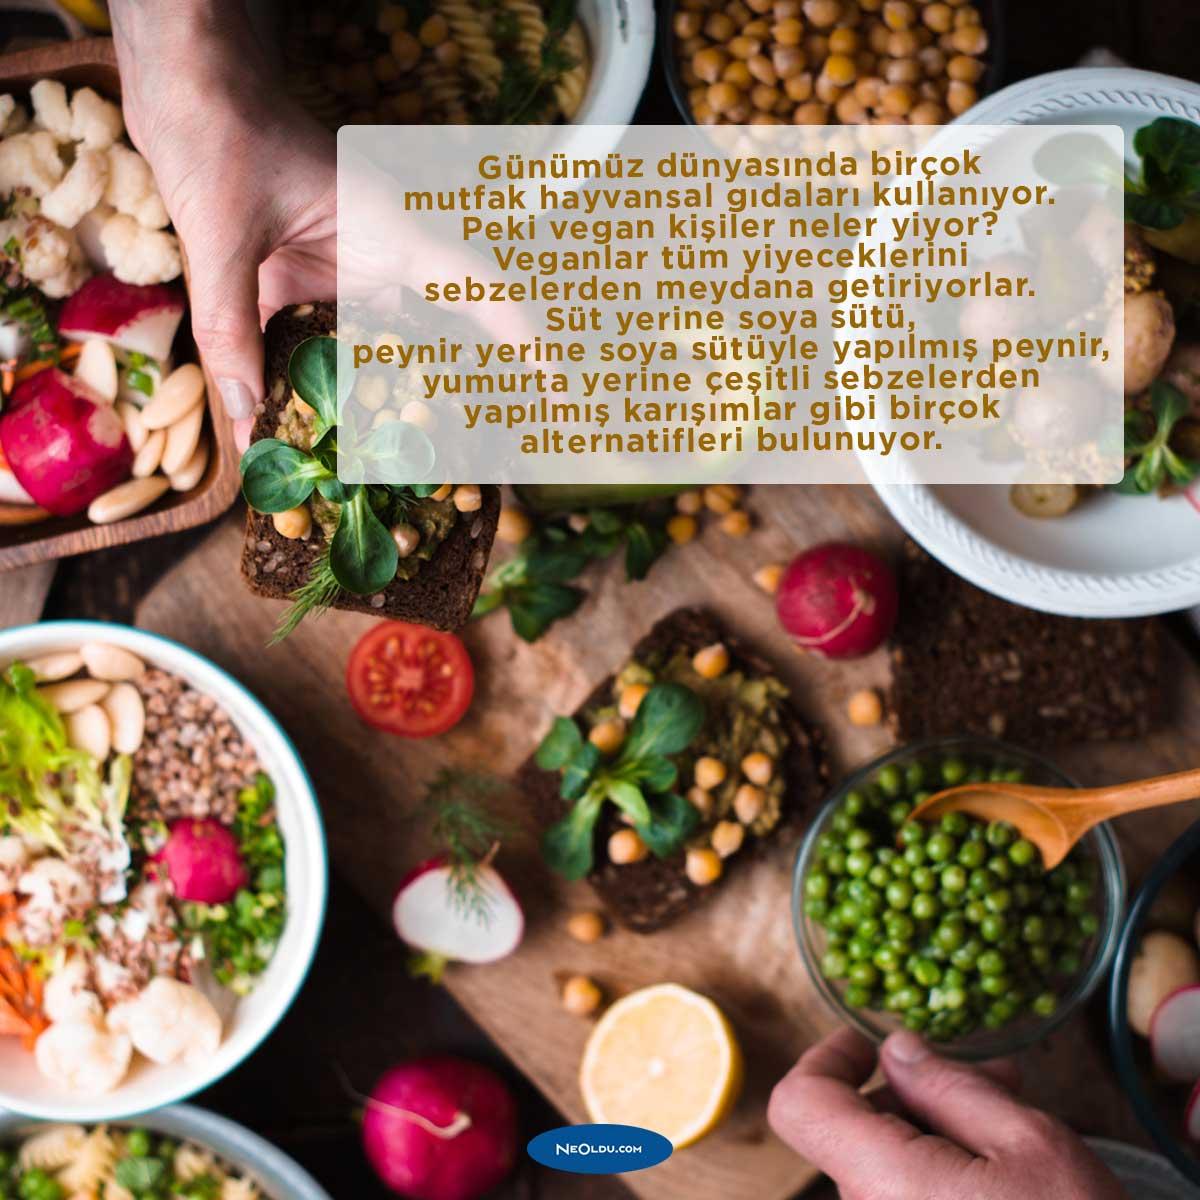 Veganlık-Vegan Beslenme Nedir?